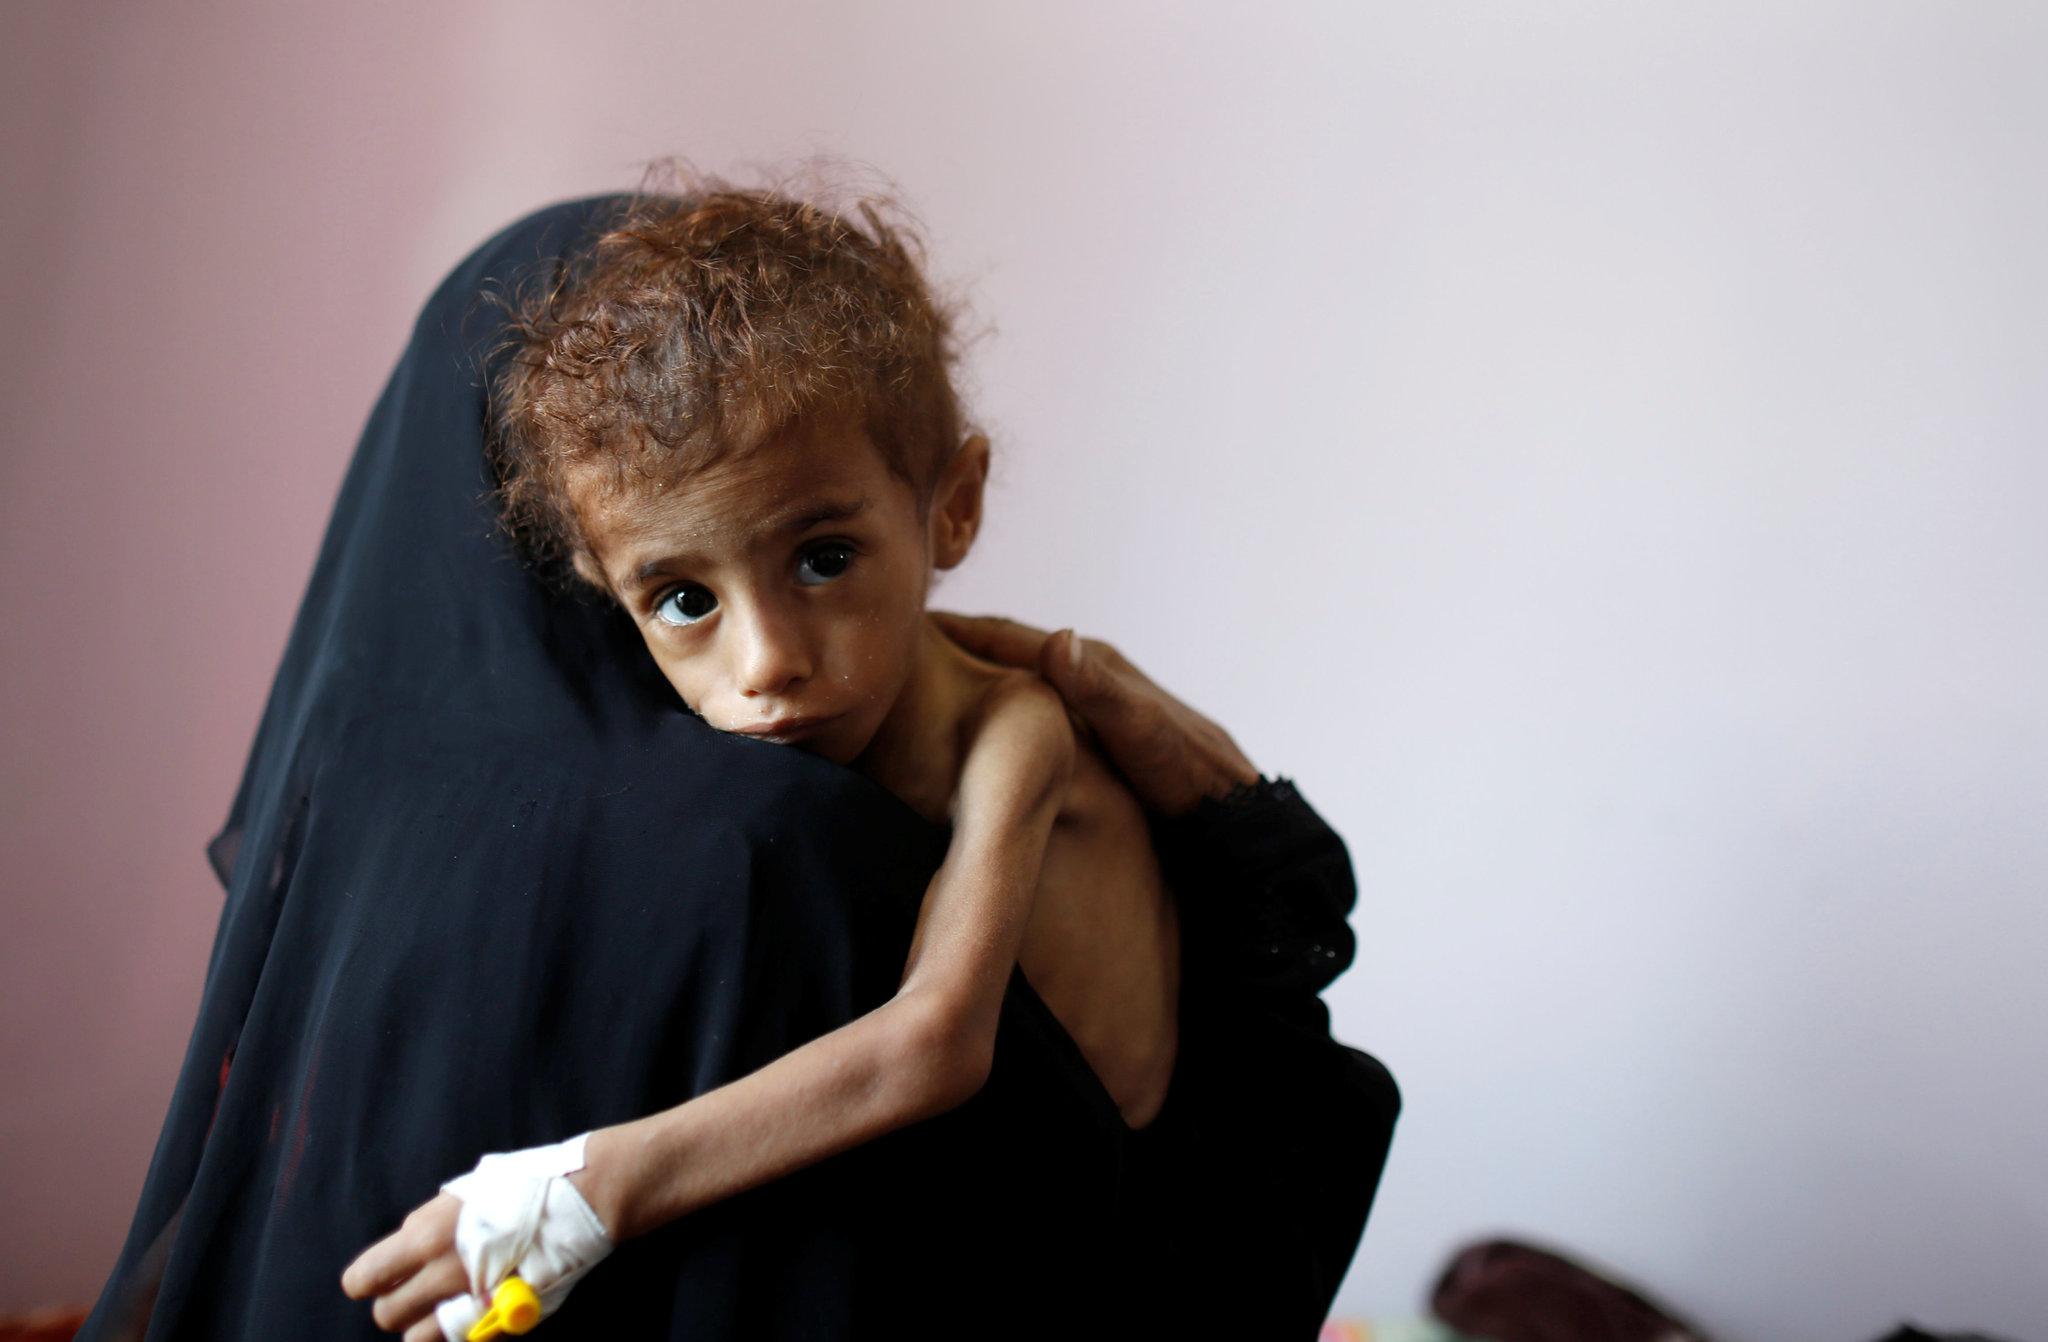 Una mujer abraza a un niño malnutrido en el hospital de Saná, Yemen.